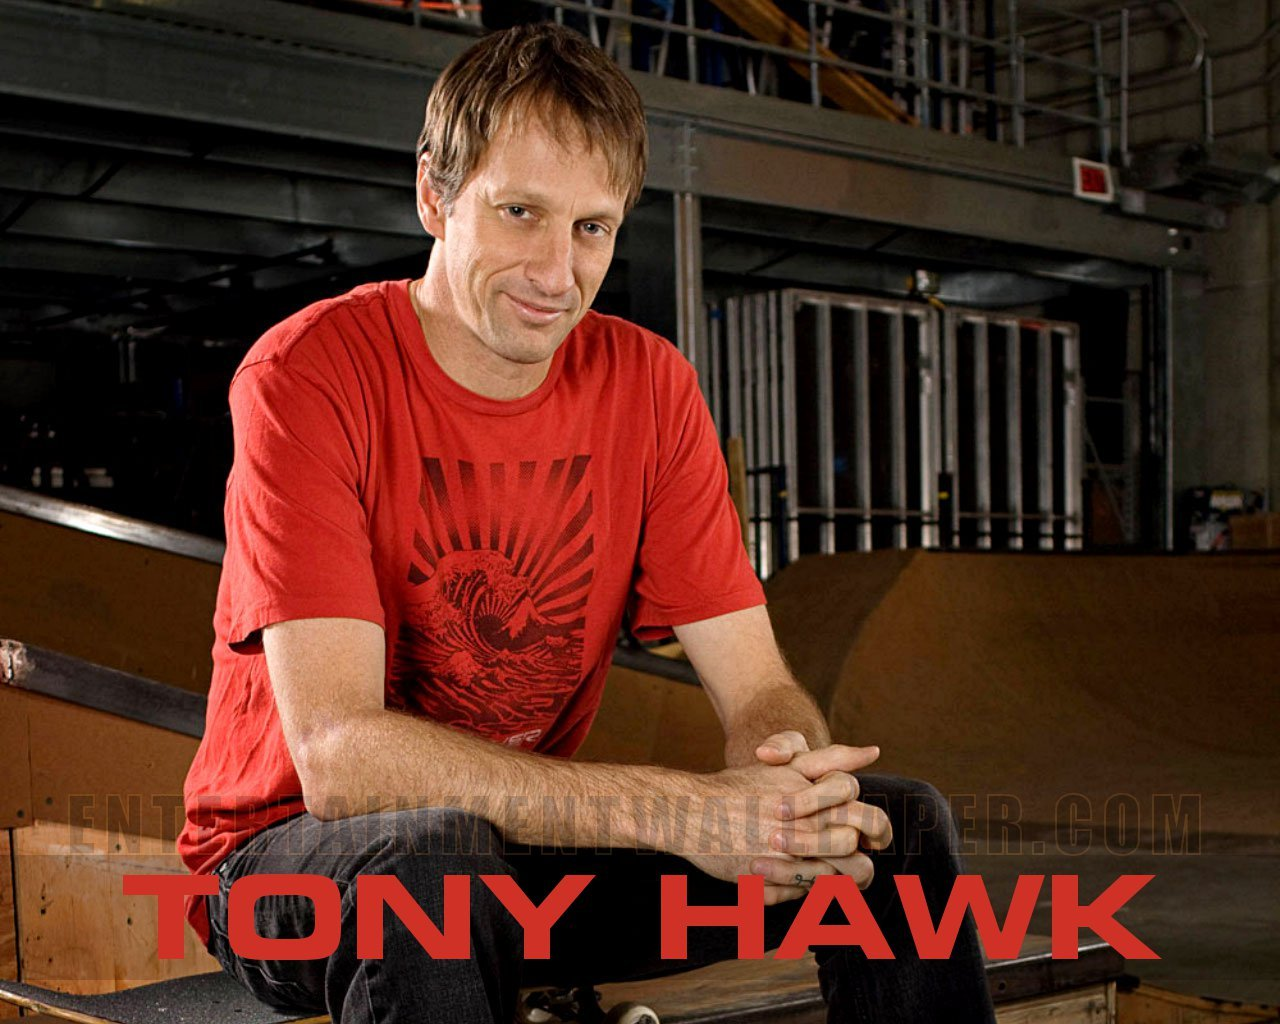 Tony Hawk Wallpaper - Original size, download now.